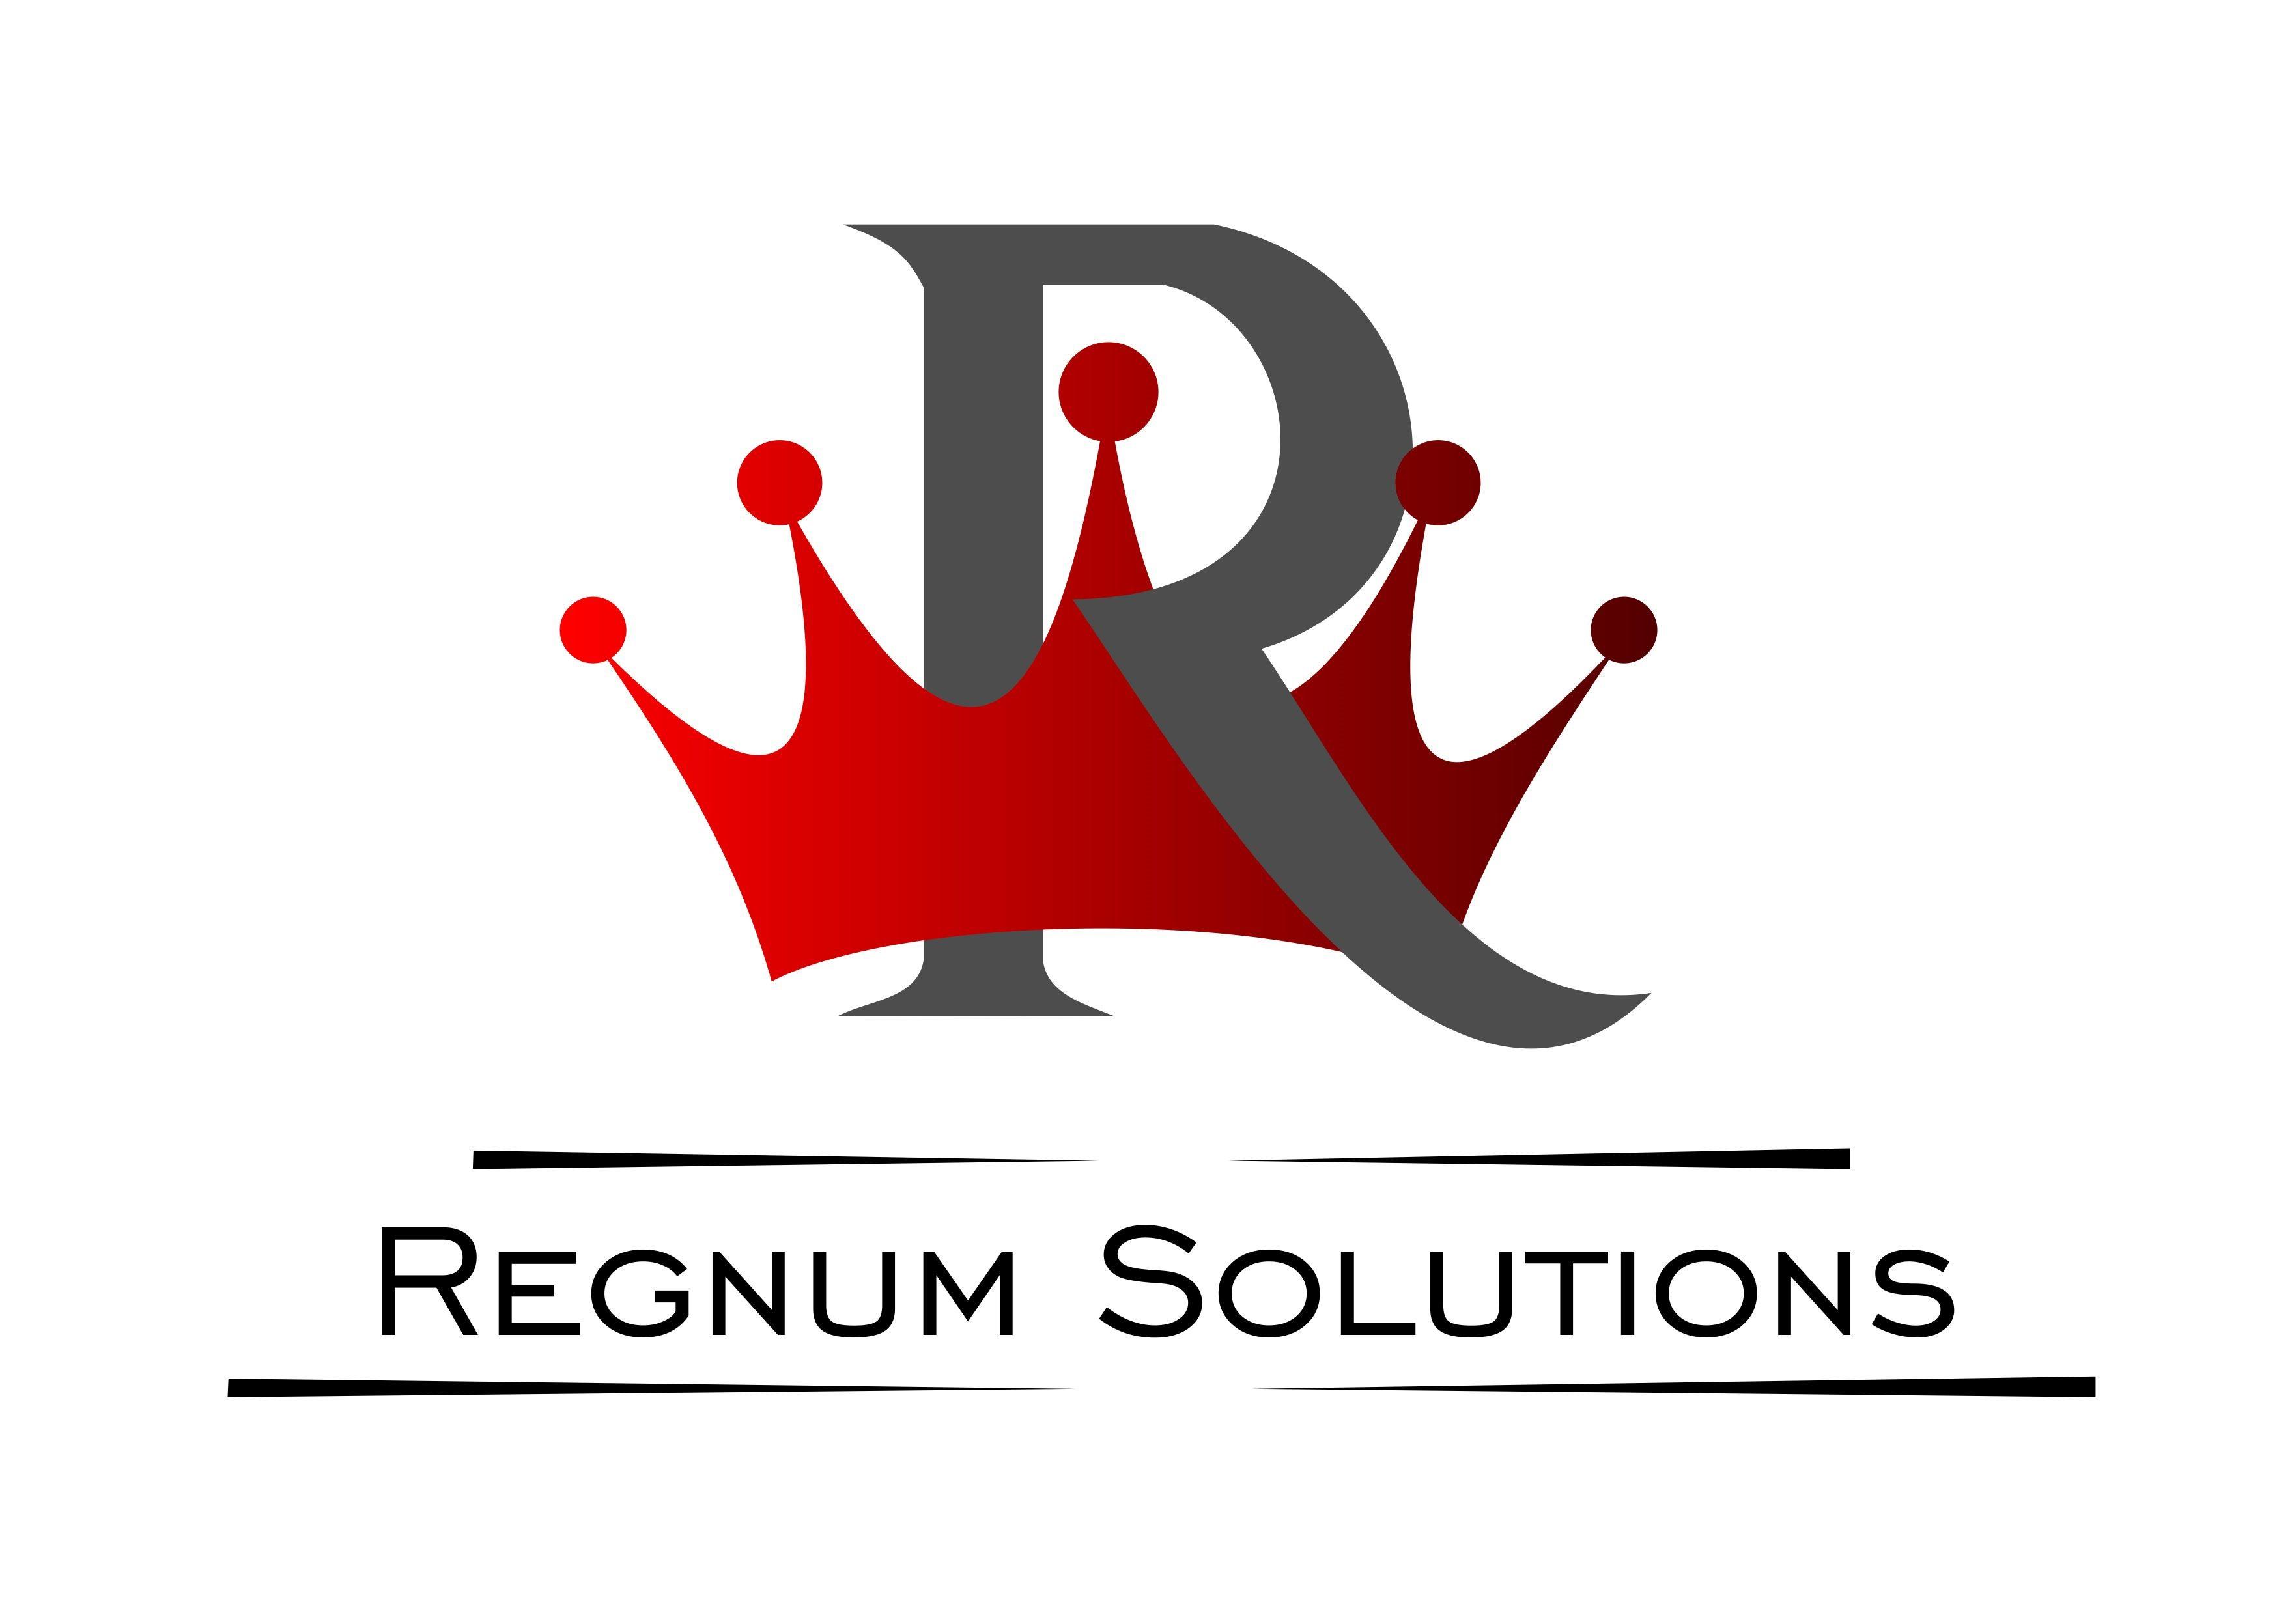 Regnum Solutions